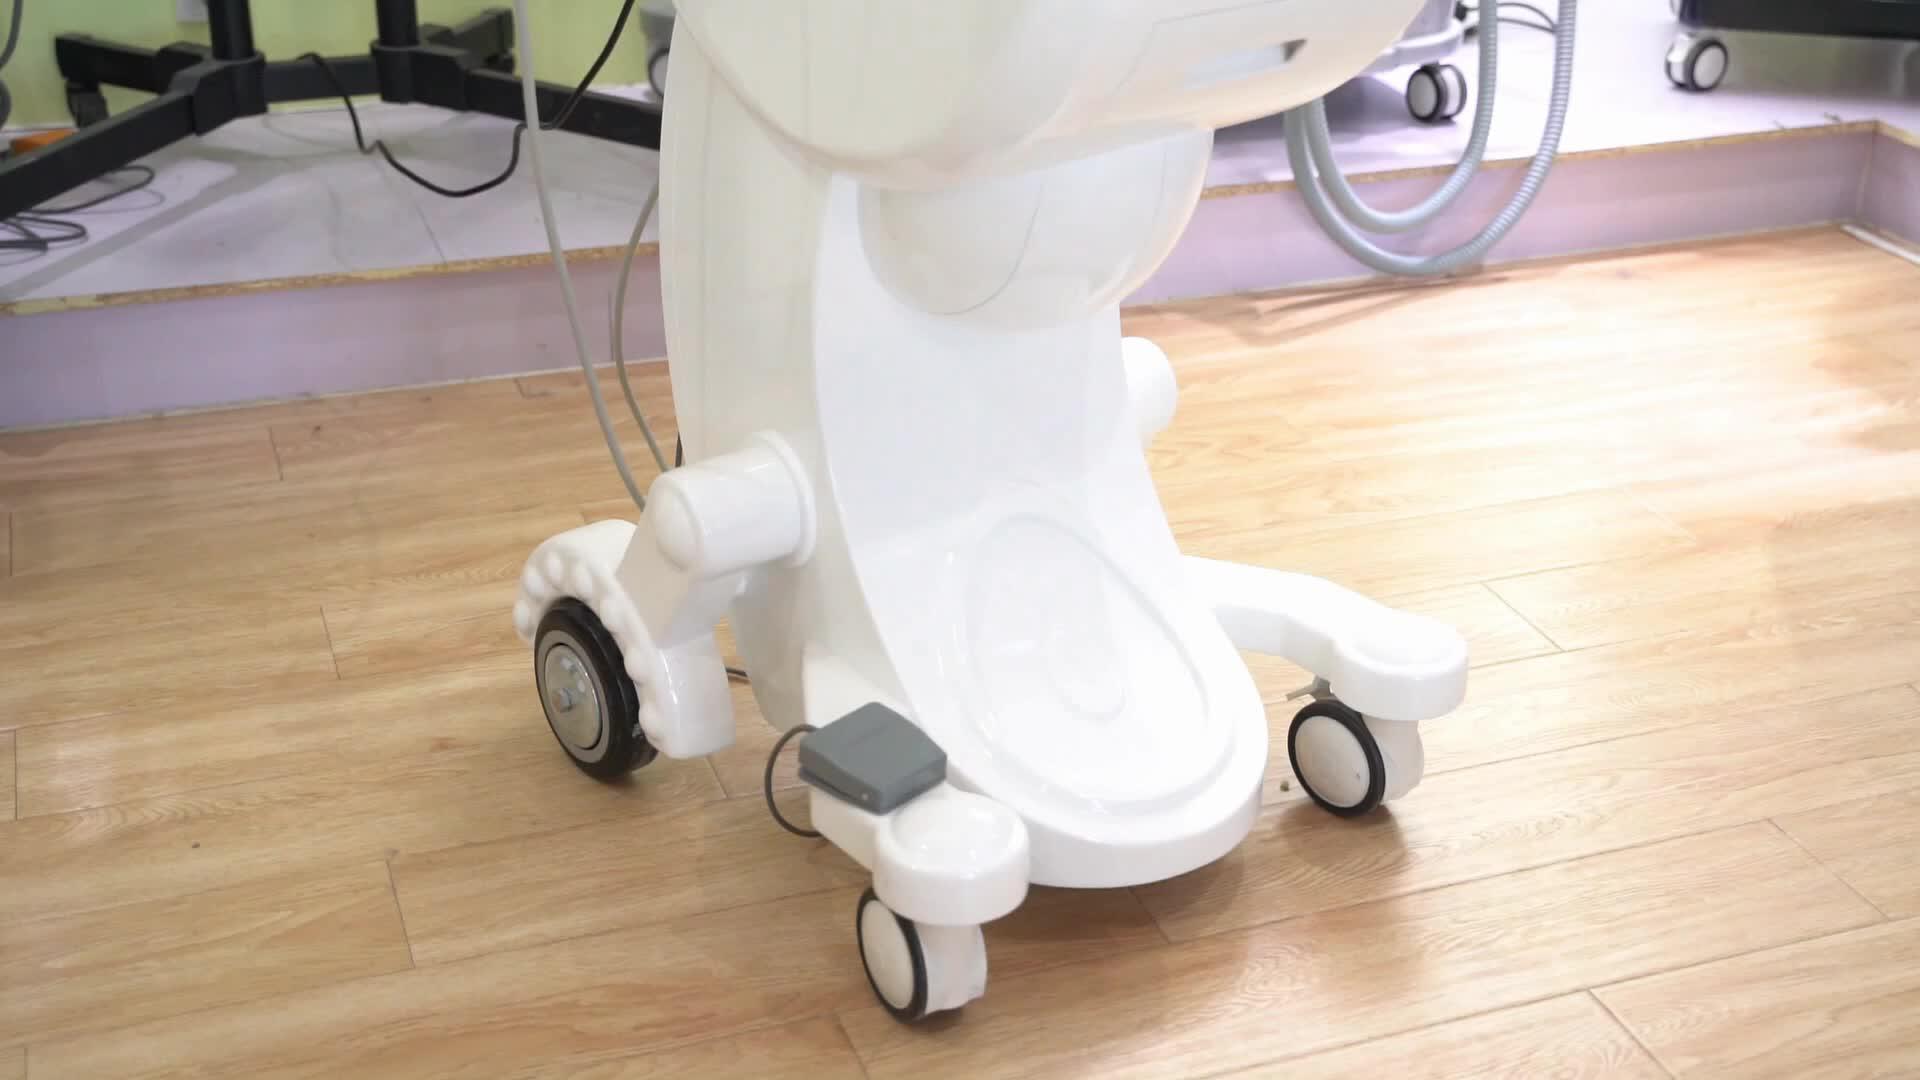 Winkonlaser 25000 shots 4d Hifu Professional Ultrasound Body Slimming Hifu / Face Lift Hifu Machine With Ce